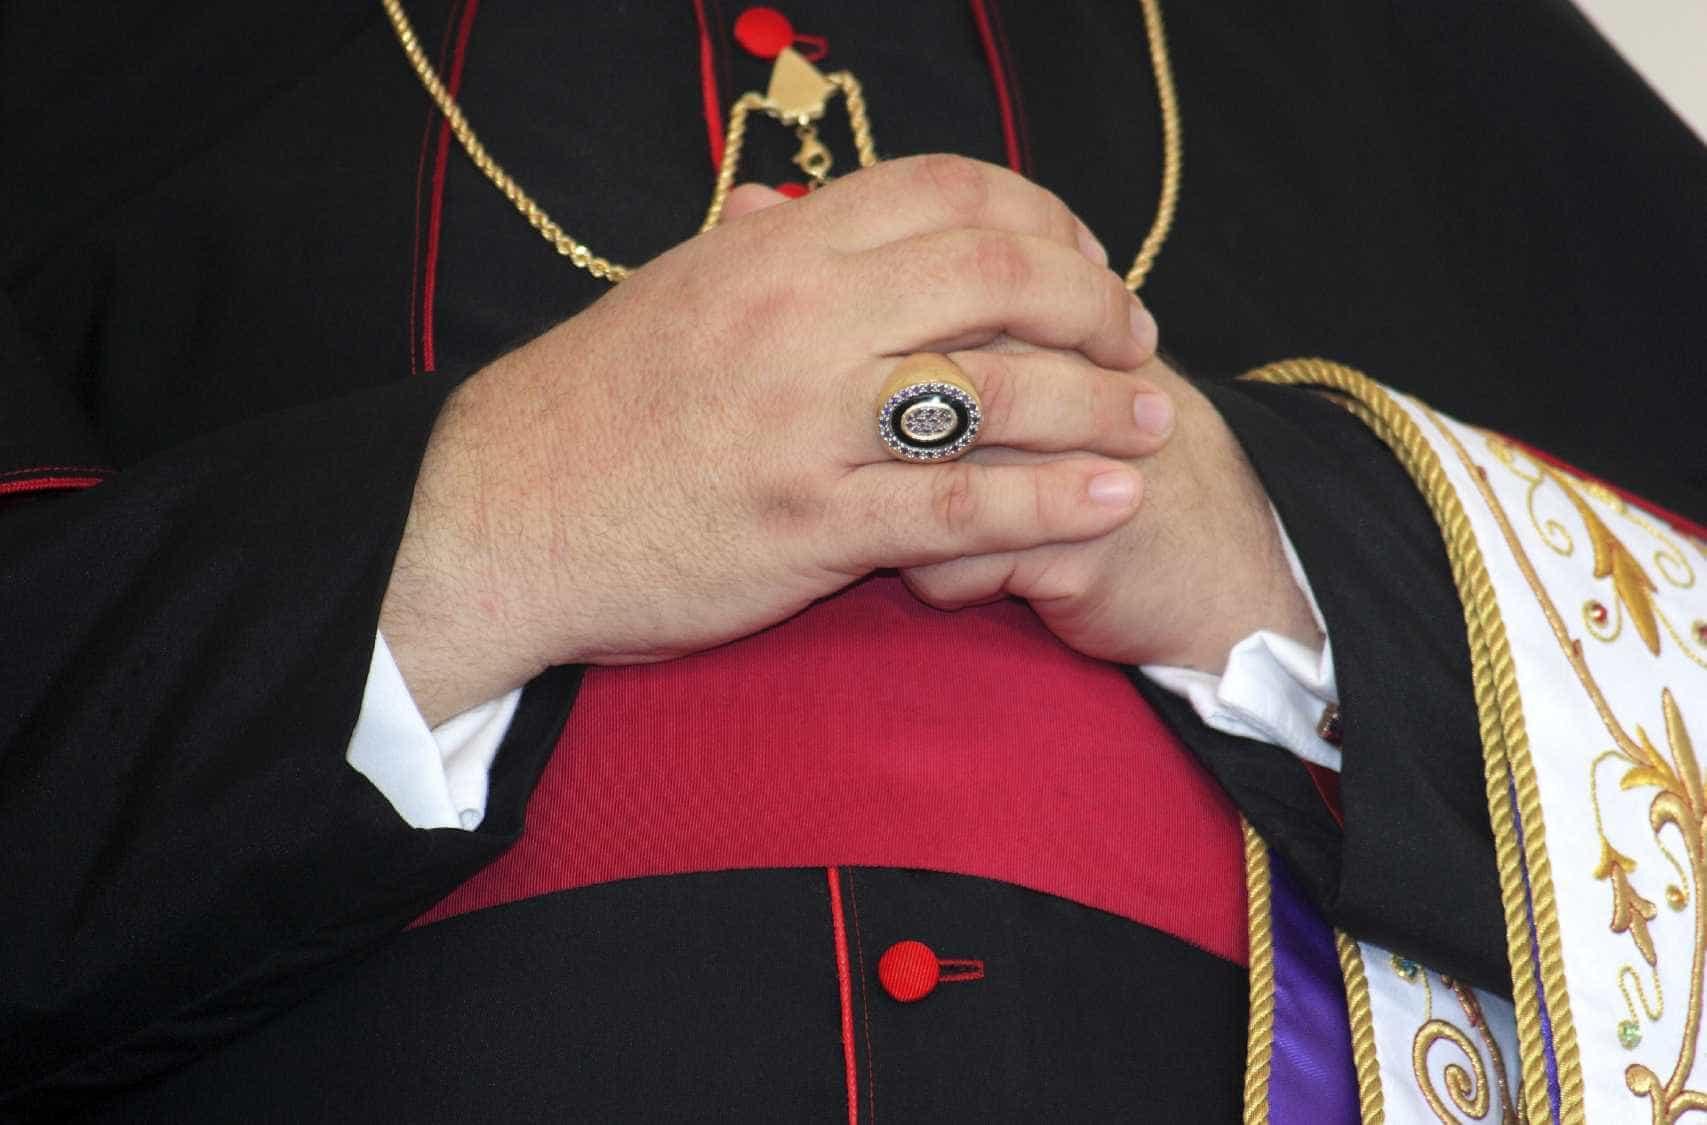 Igreja beatifica 19 religiosos católicos assassinados na Argélia